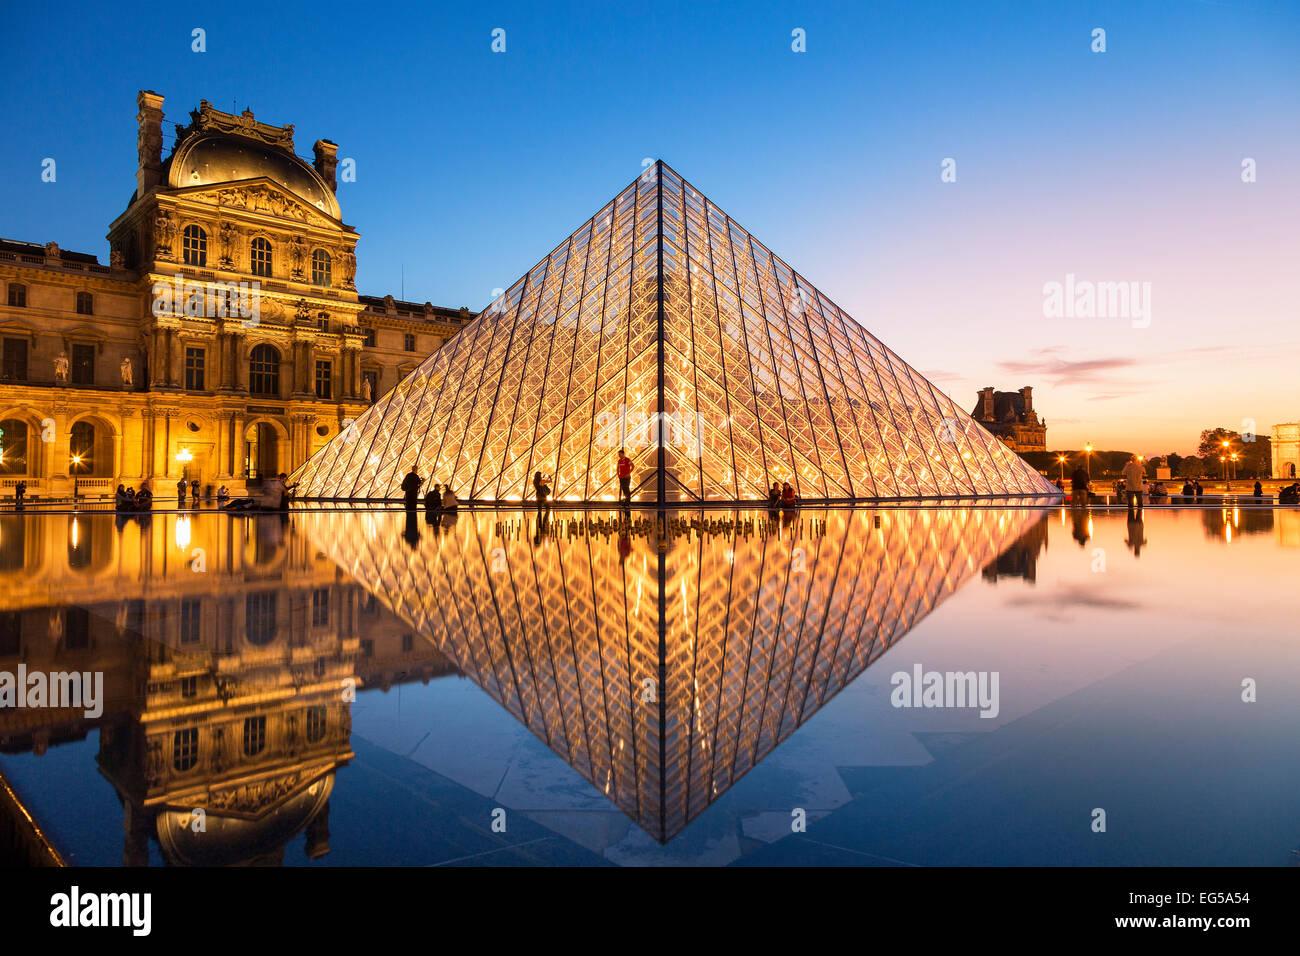 Parigi, la piramide del Louvre al crepuscolo Immagini Stock